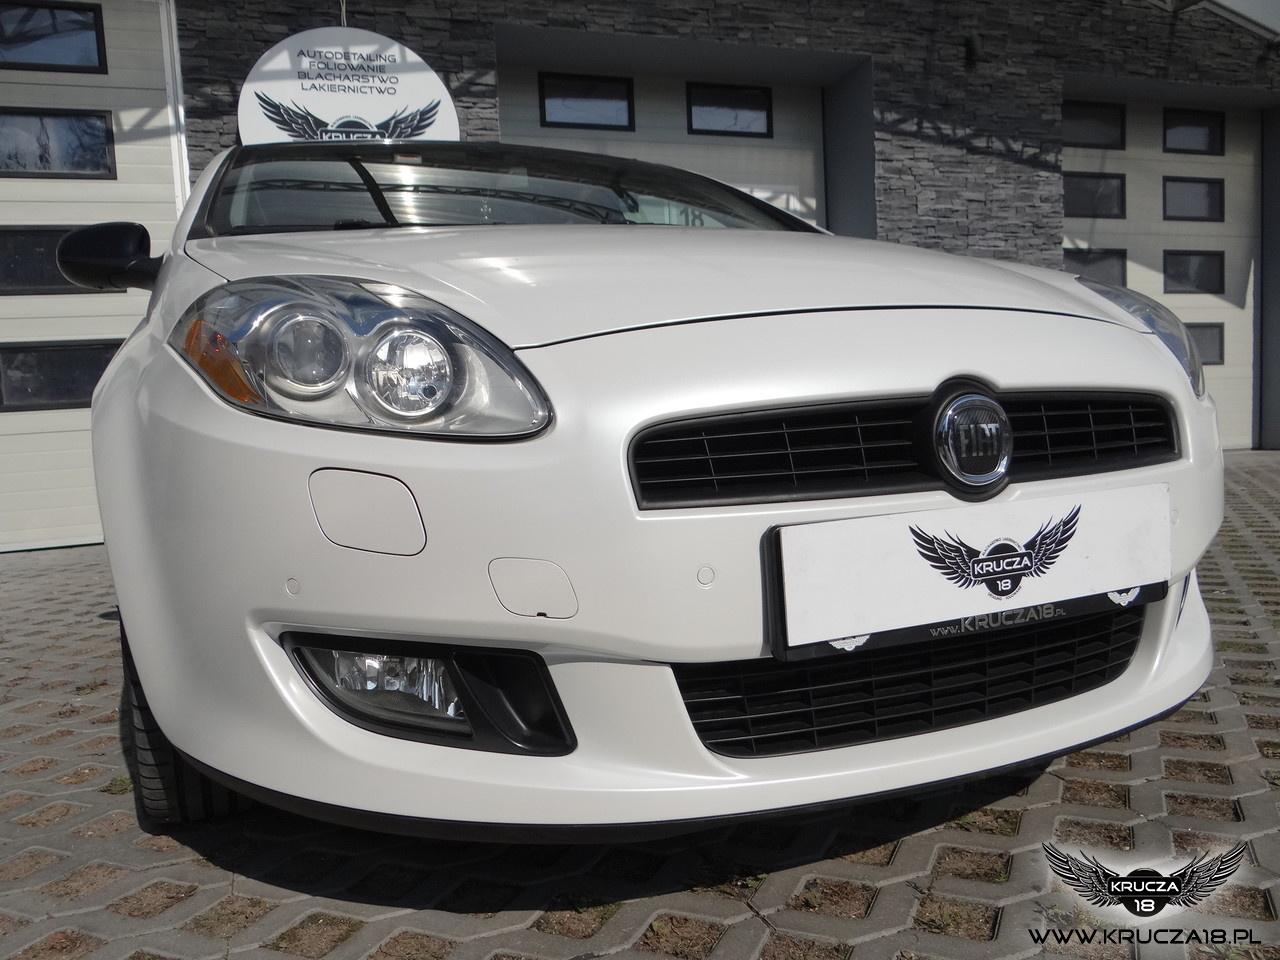 FIAT BRAVO : zmiana koloru auta folia : biała perła/czarny połysk : oklejanie : Krucza18 : Osielsko/k.Bydgoszczy